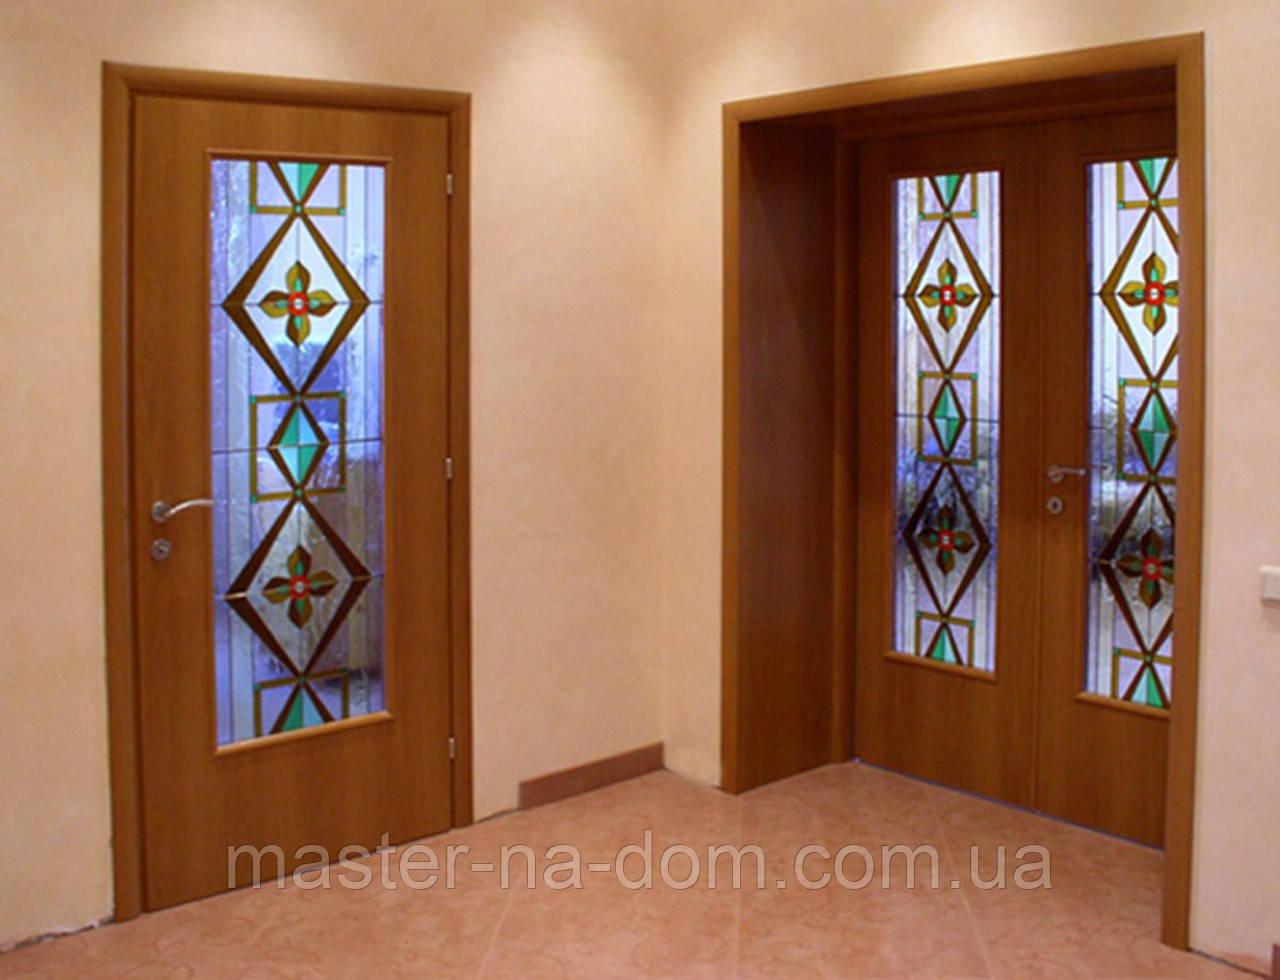 Установка входных и межкомнатных дверей в Полтаве